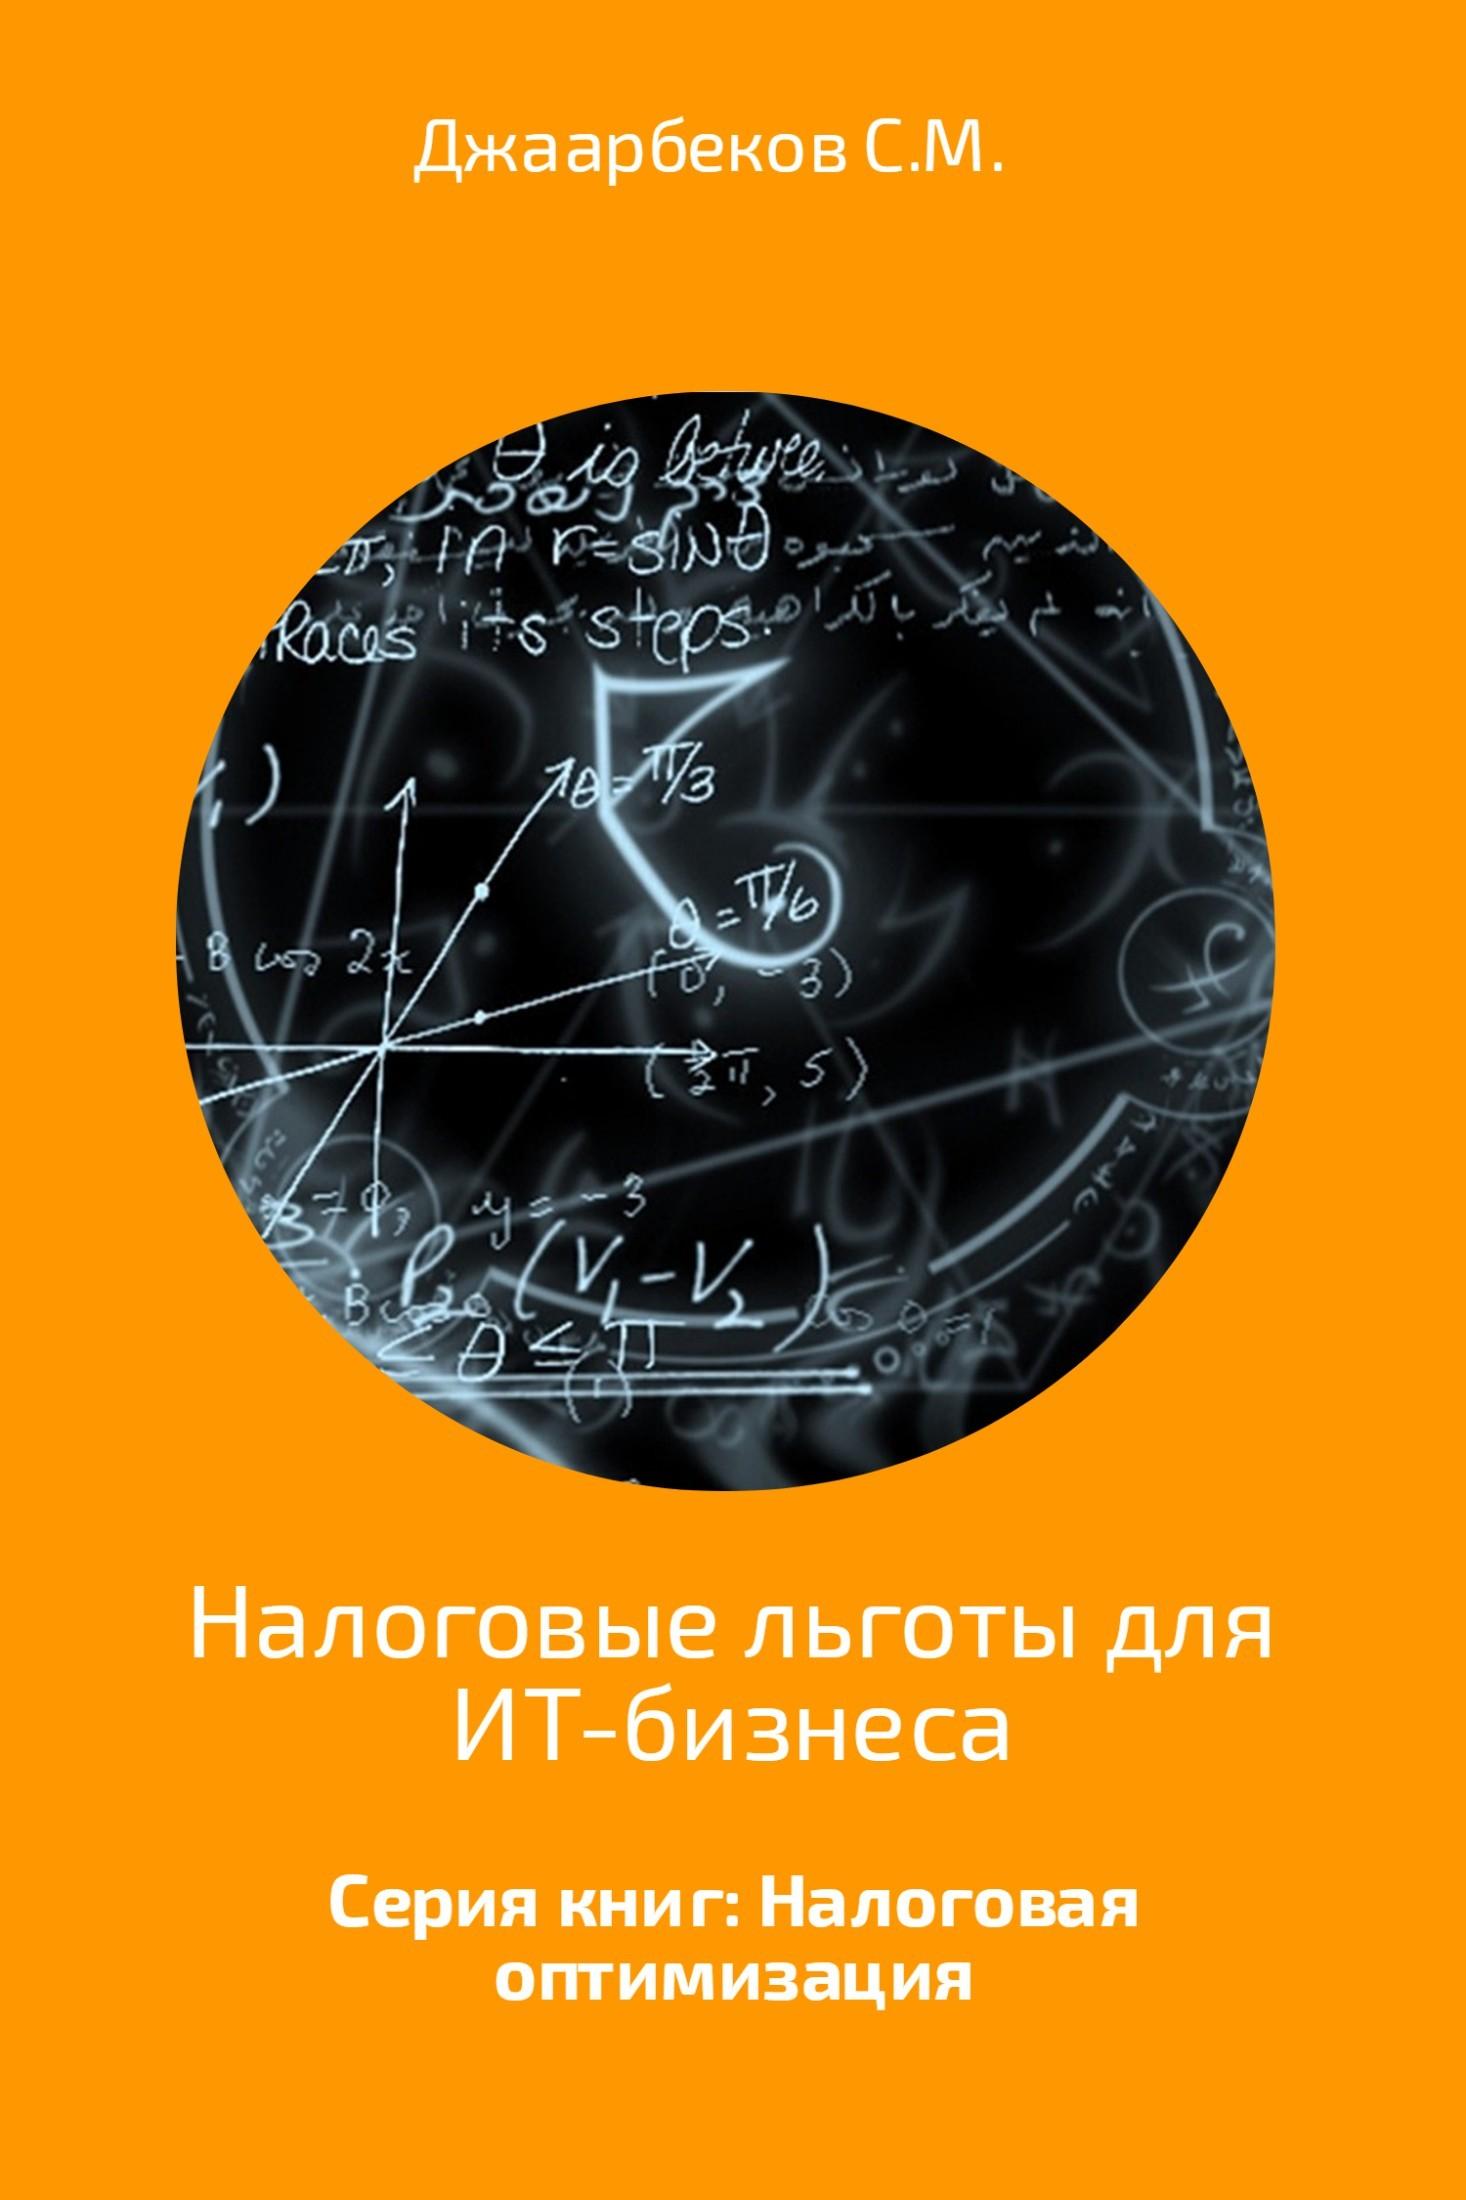 Джаарбеков Станислав Маратович Налоговые льготы для ИТ-бизнеса mebelvia fruit via melon 80х200